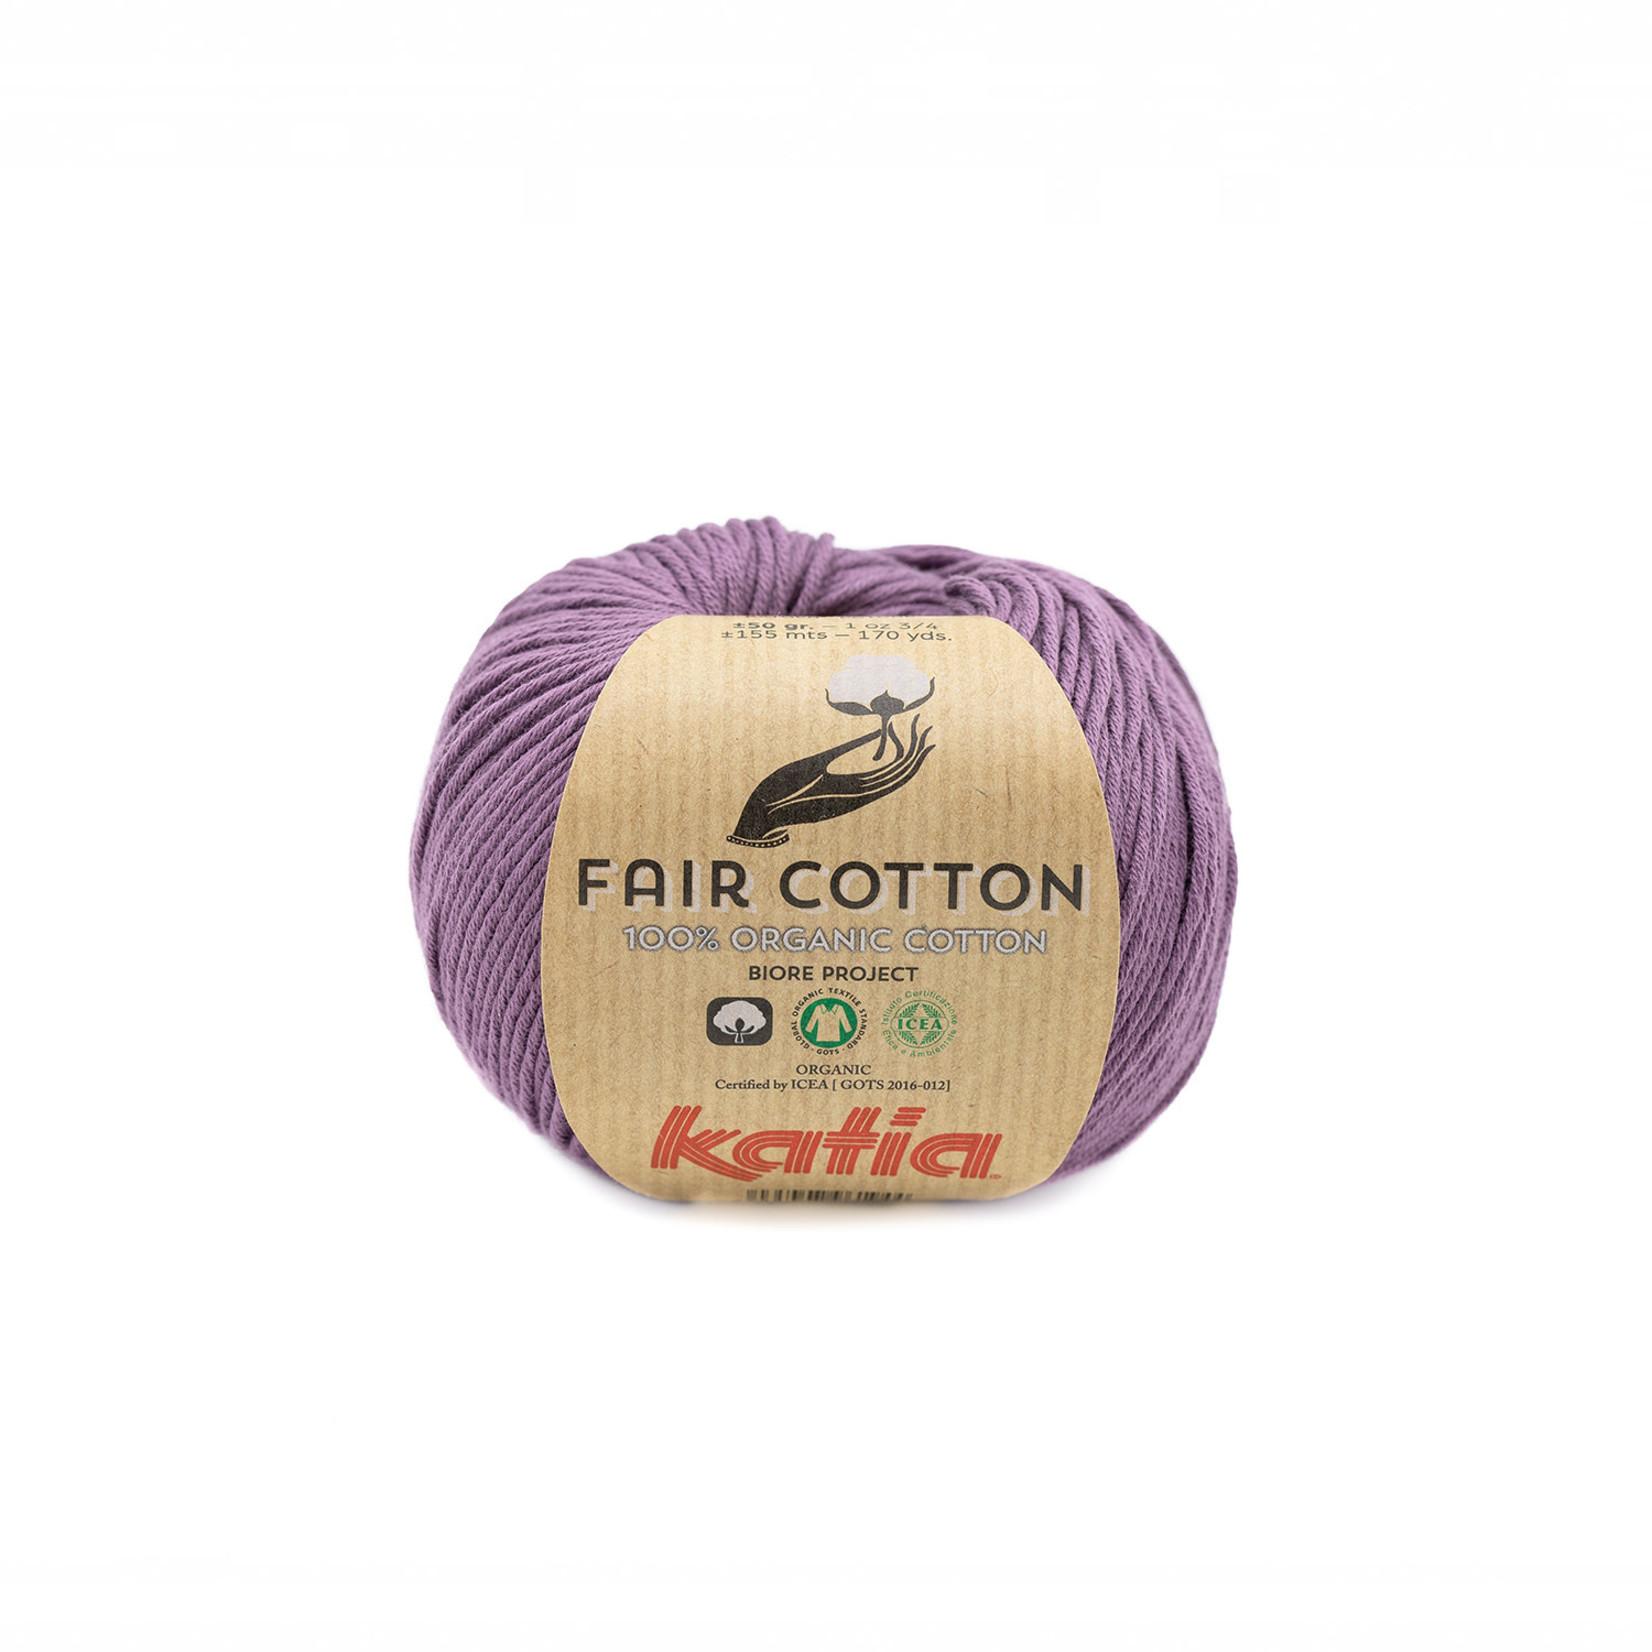 Katia Katia Fair Cotton 39 - donkerpaars - 1 bol = 50 gr. = 155 m. - 100% biol. katoen